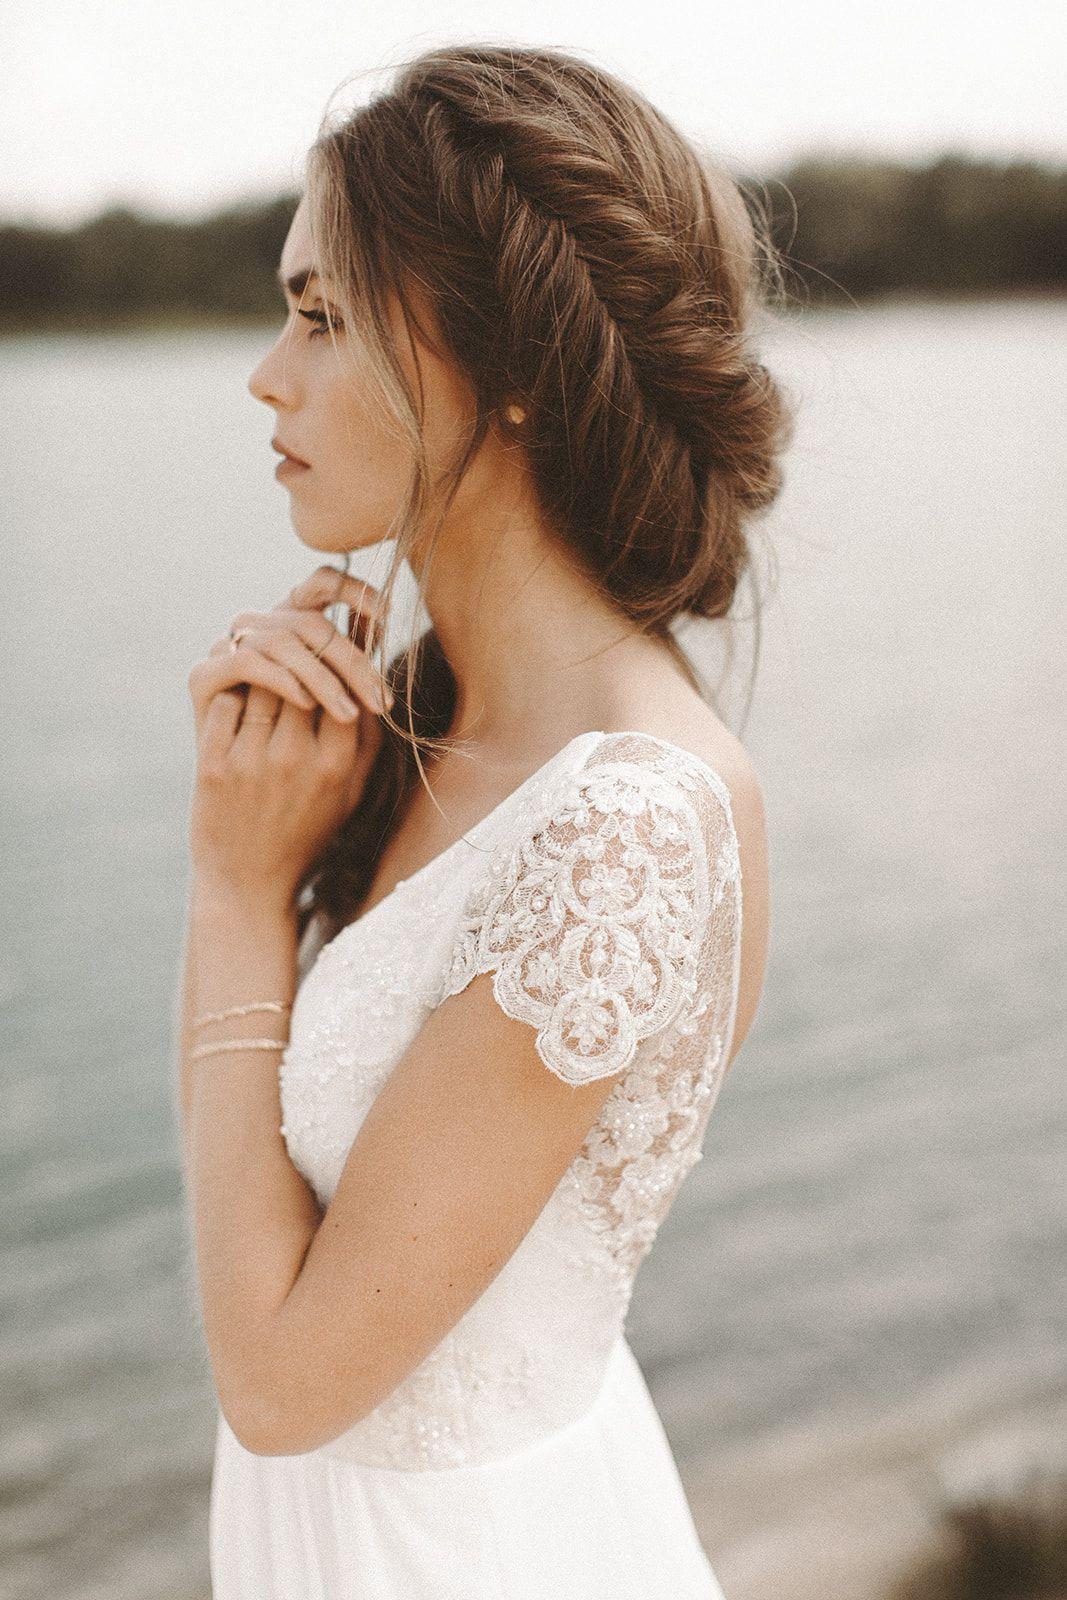 Brautkleid Rückenausschnitt Spitzenärmel Brautfrisur Boho Hochzeit Vintage Brautstrauß